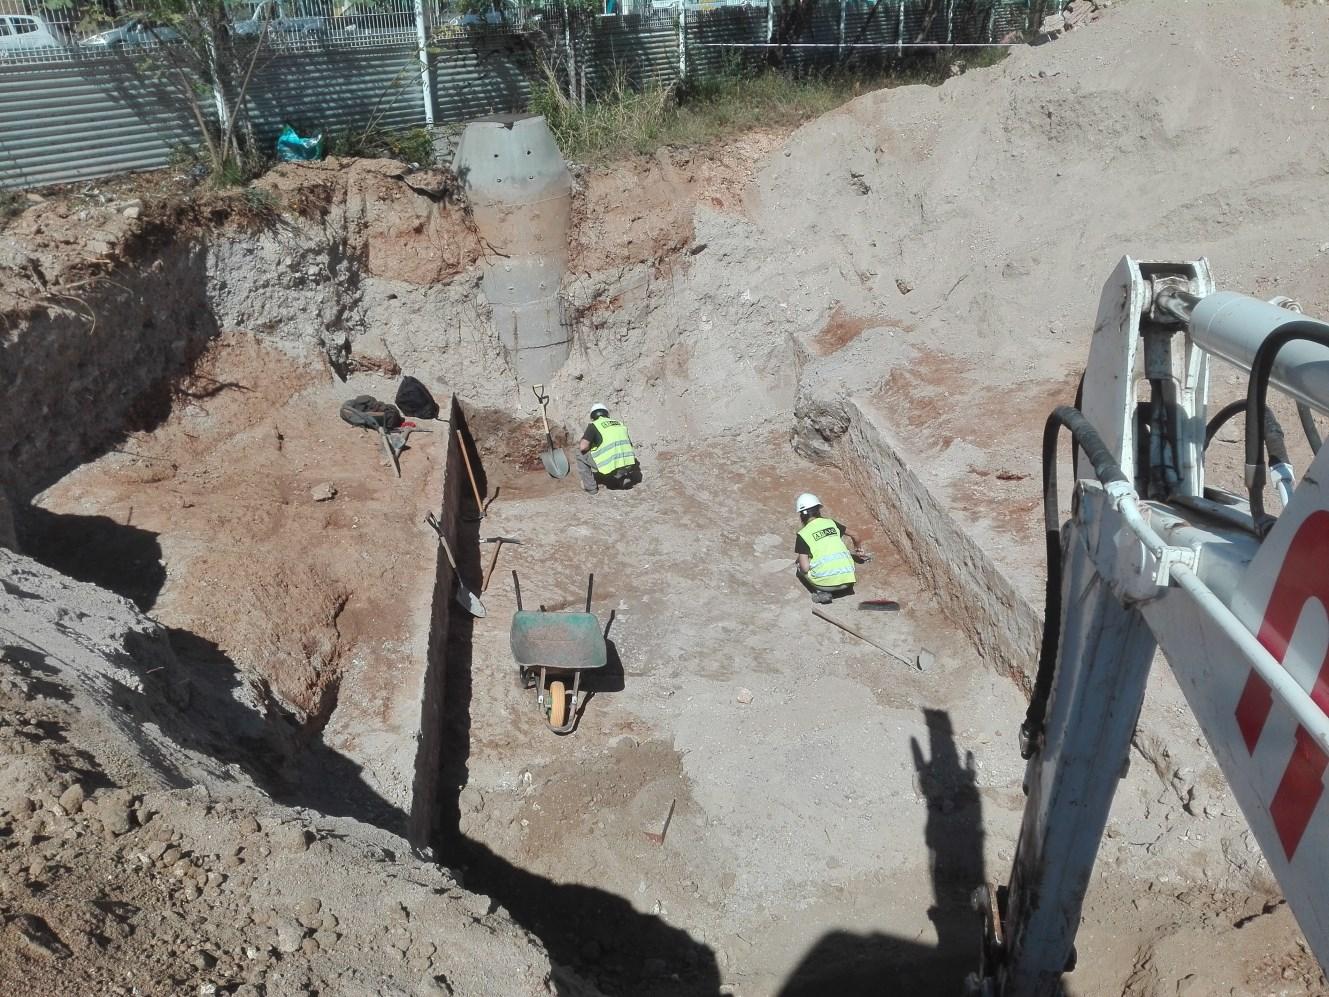 Treballs de neteja i delimitació del tram 2 del Rec Comtal. Foto: Oscar Varas.